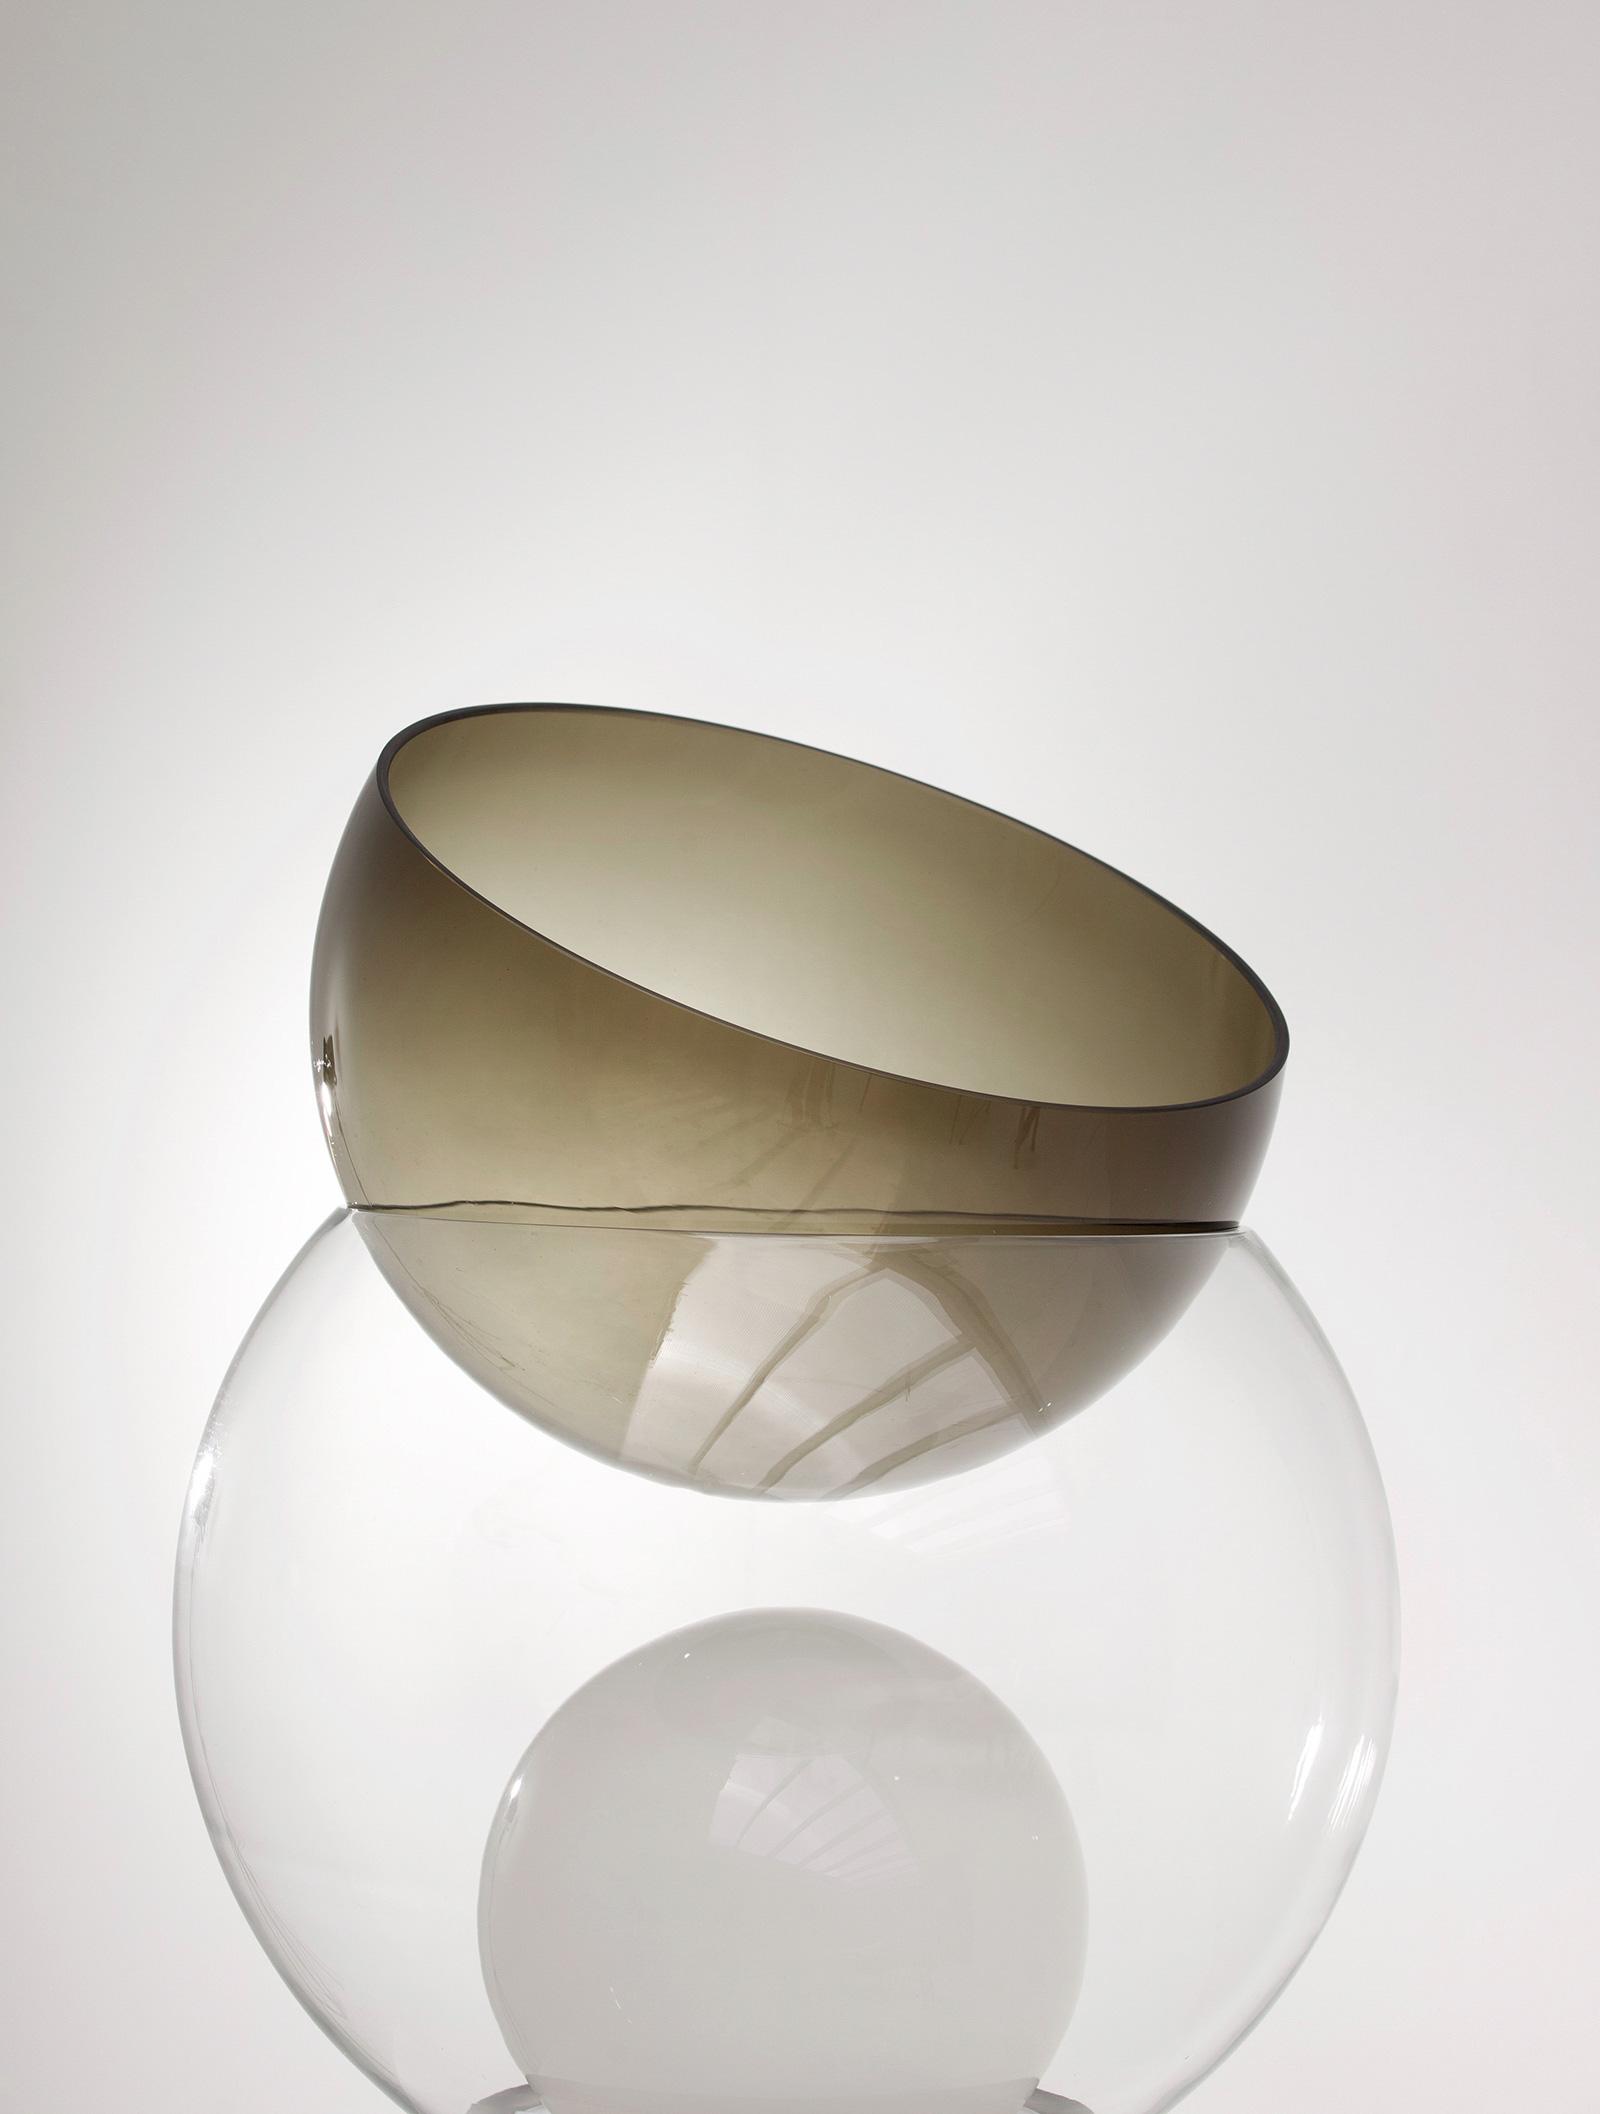 Gae Aulenti Giova Lamp for Fontana Arteimage 10